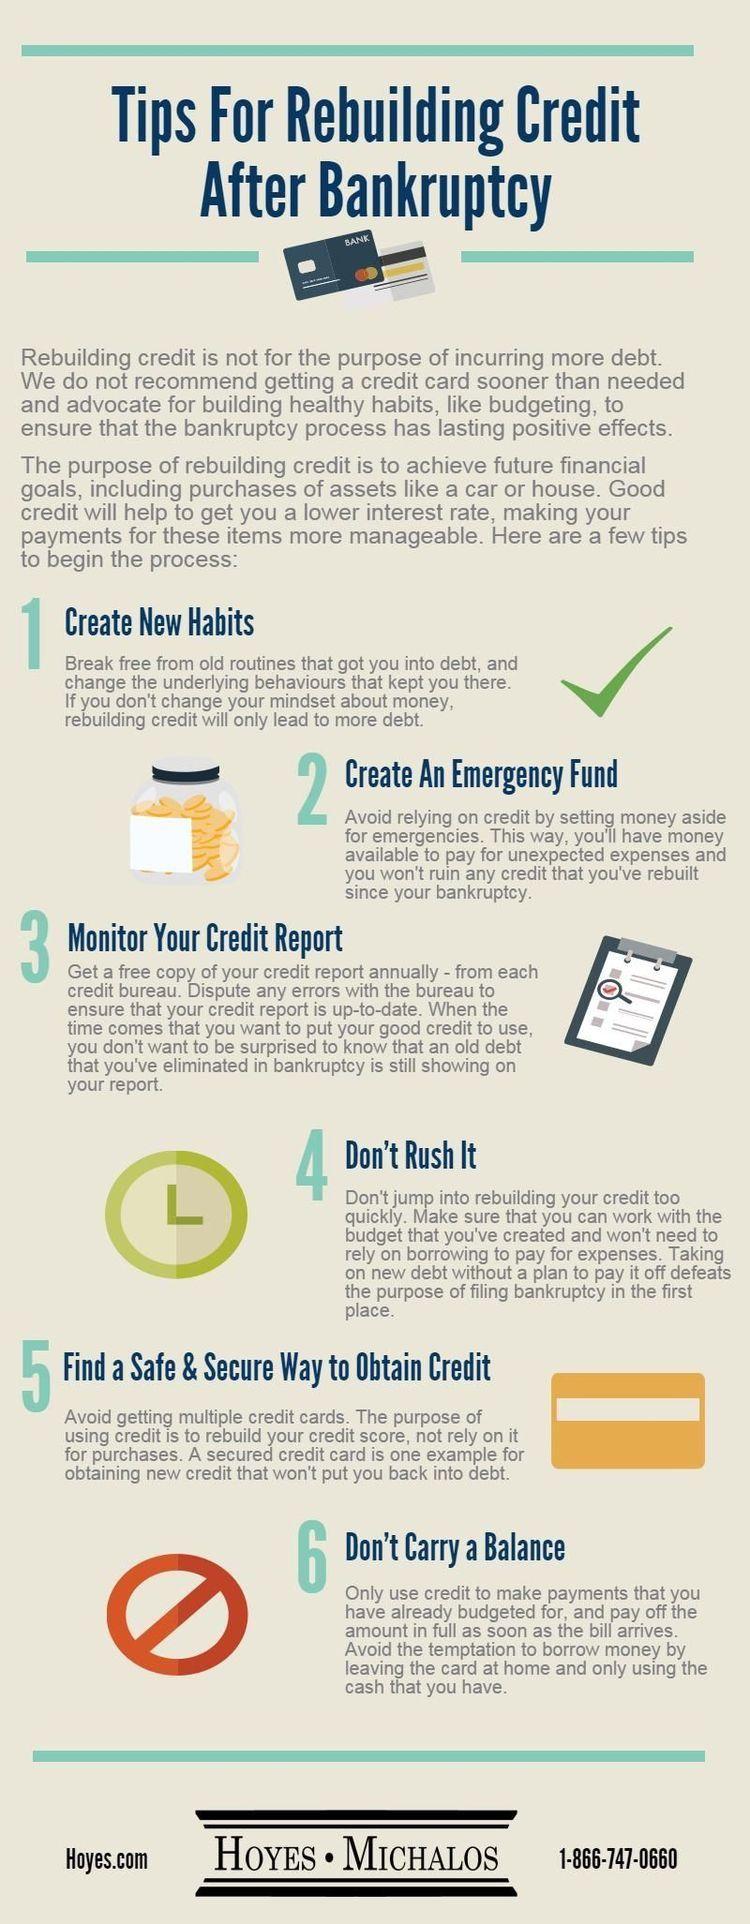 Rebuild credit after bankruptcy Rebuilding credit